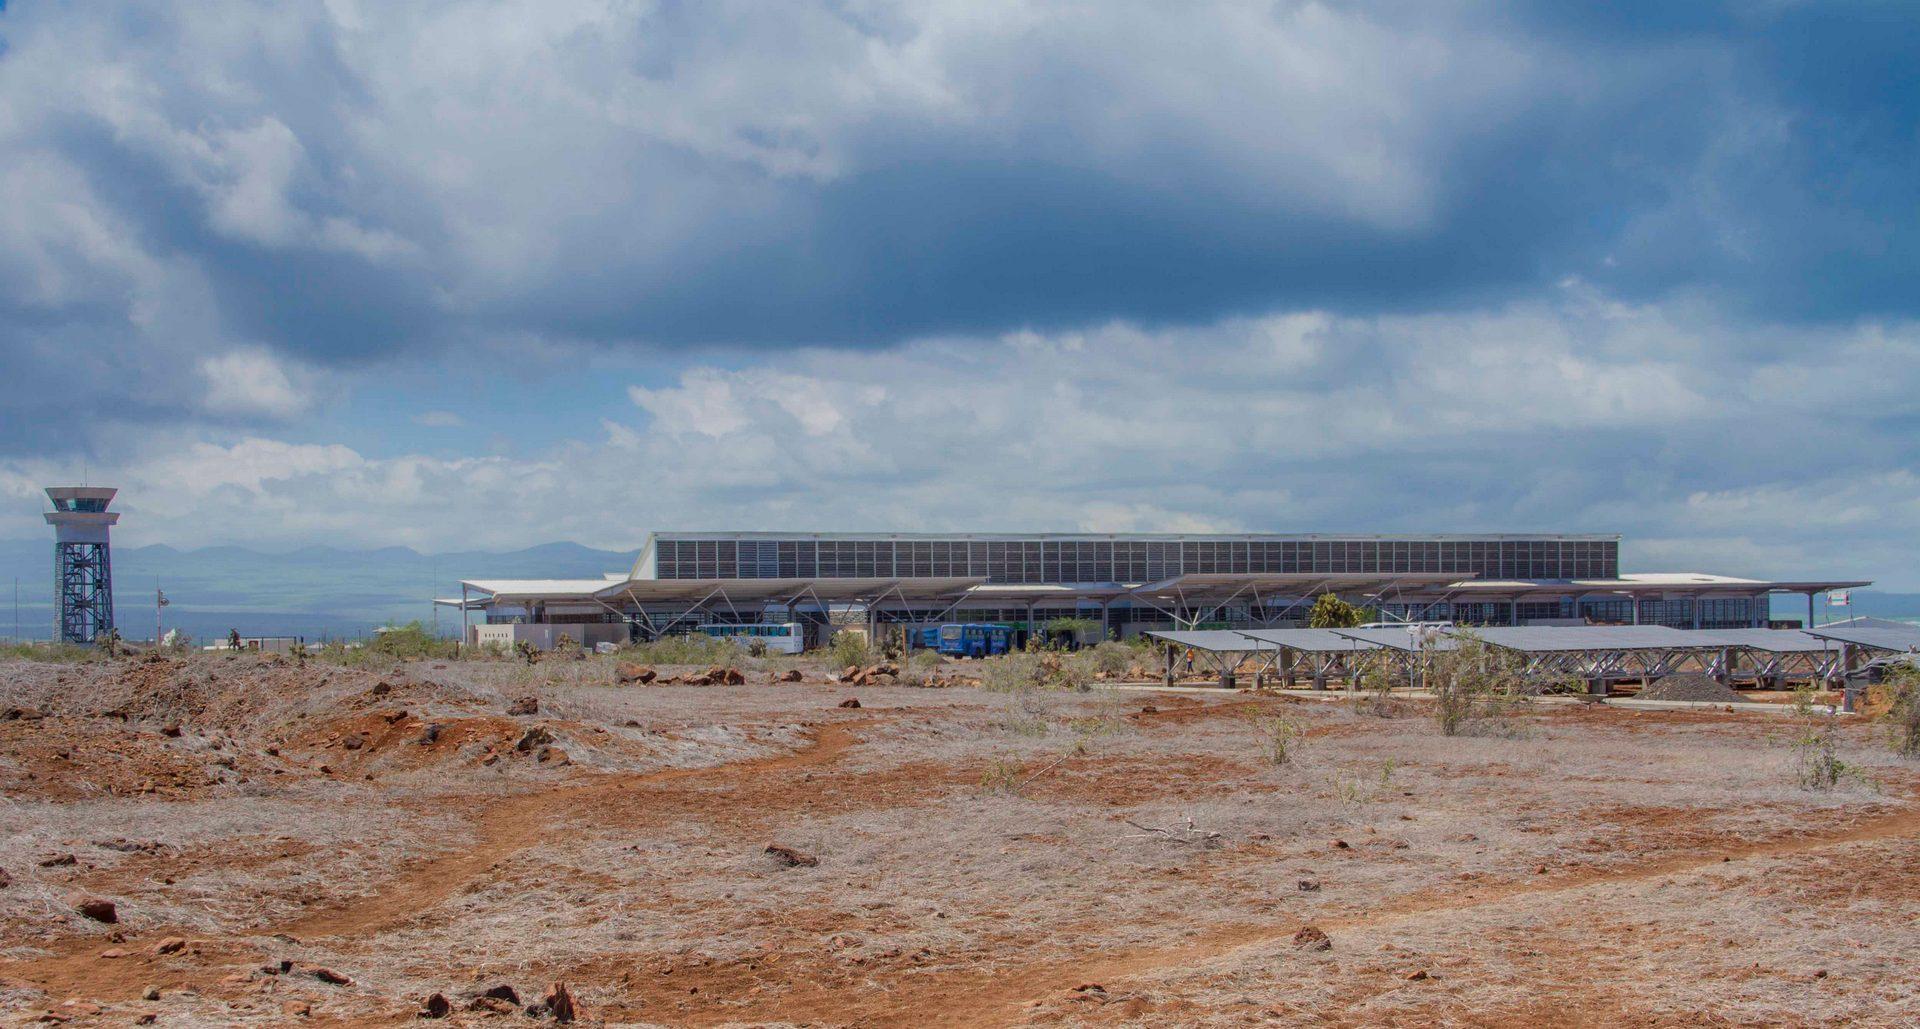 aeropuerto en baja